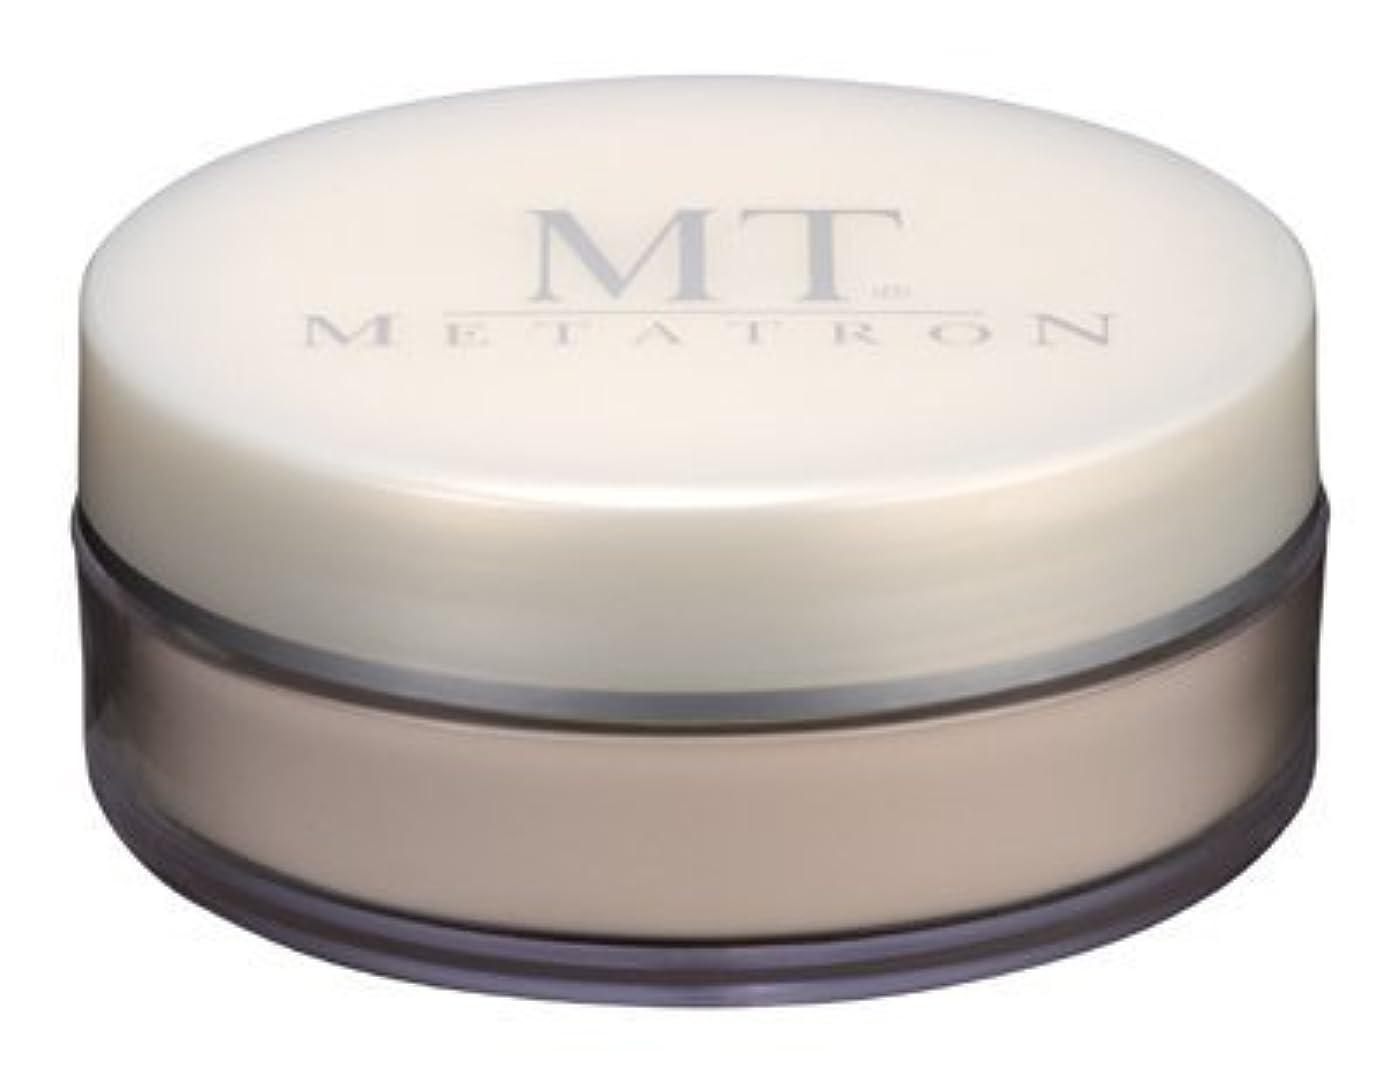 第ビット欠陥MTメタトロン プロテクトUVルースパウダー20g 【オークル】 SPF10